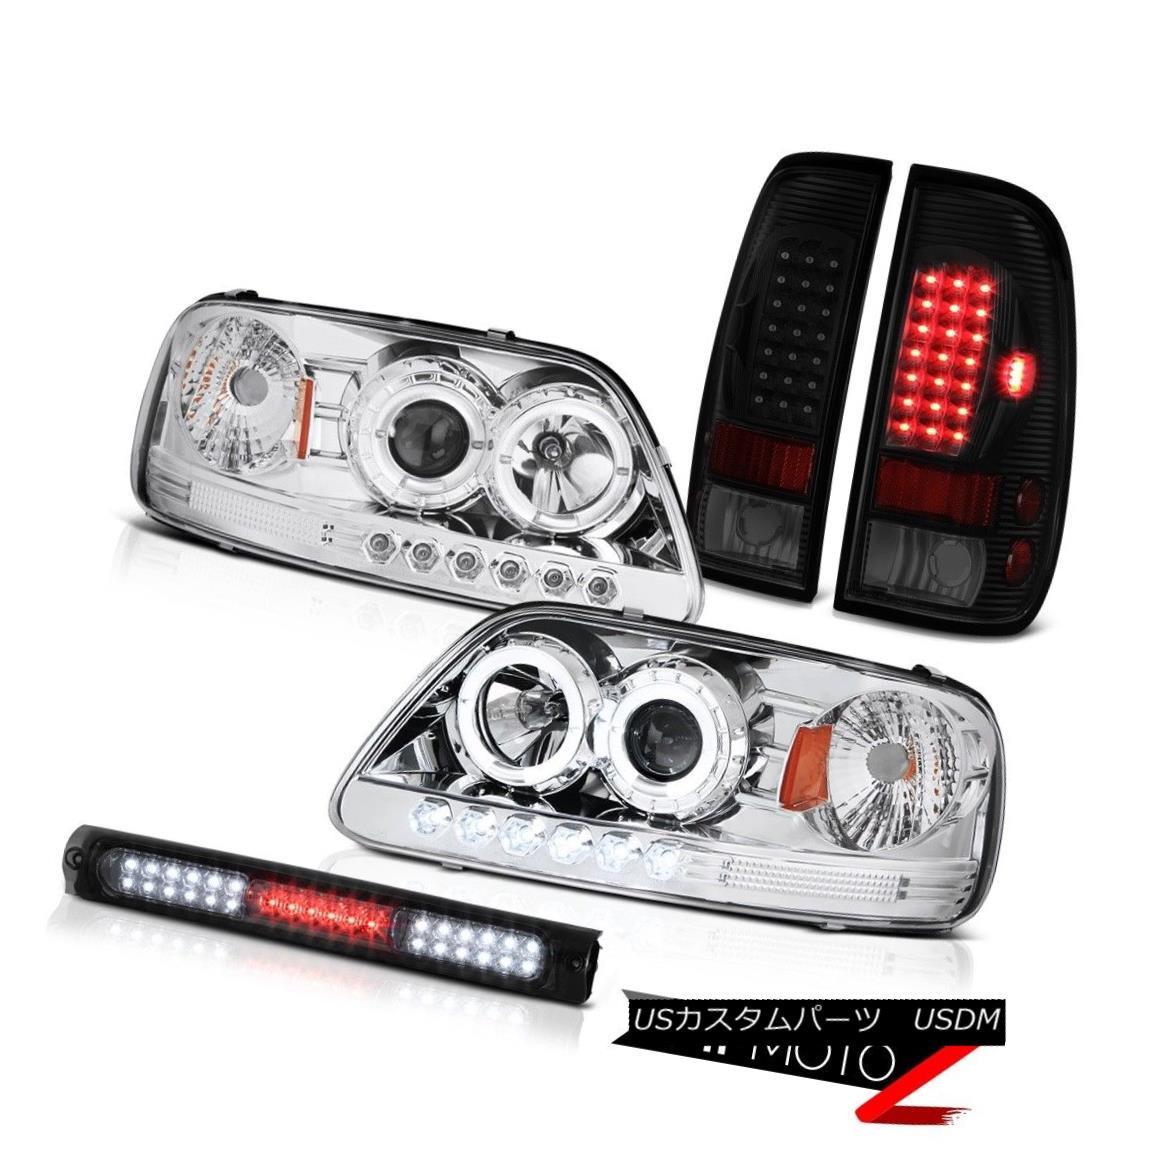 テールライト 97-03 F150 Xlt Smoked Roof Cab Light Tail Brake Lamps Euro Chrome Headlights 97-03 F150 Xltスモークルーフキャブライトテールブレーキランプユーロクロームヘッドライト